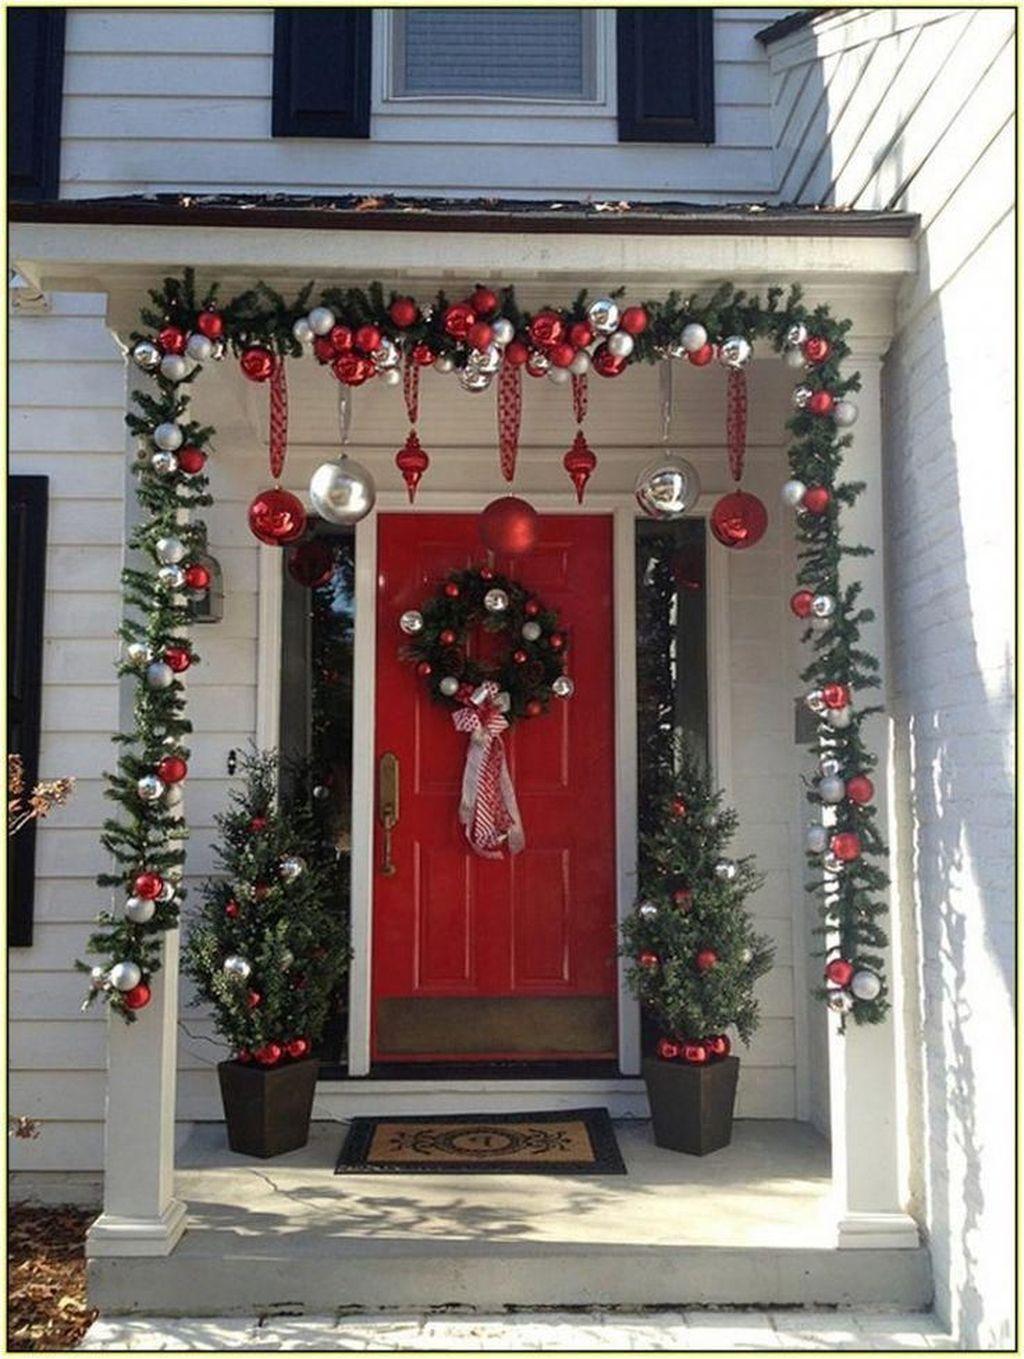 Unique Christmas Decoration Ideas For Front Porch 31